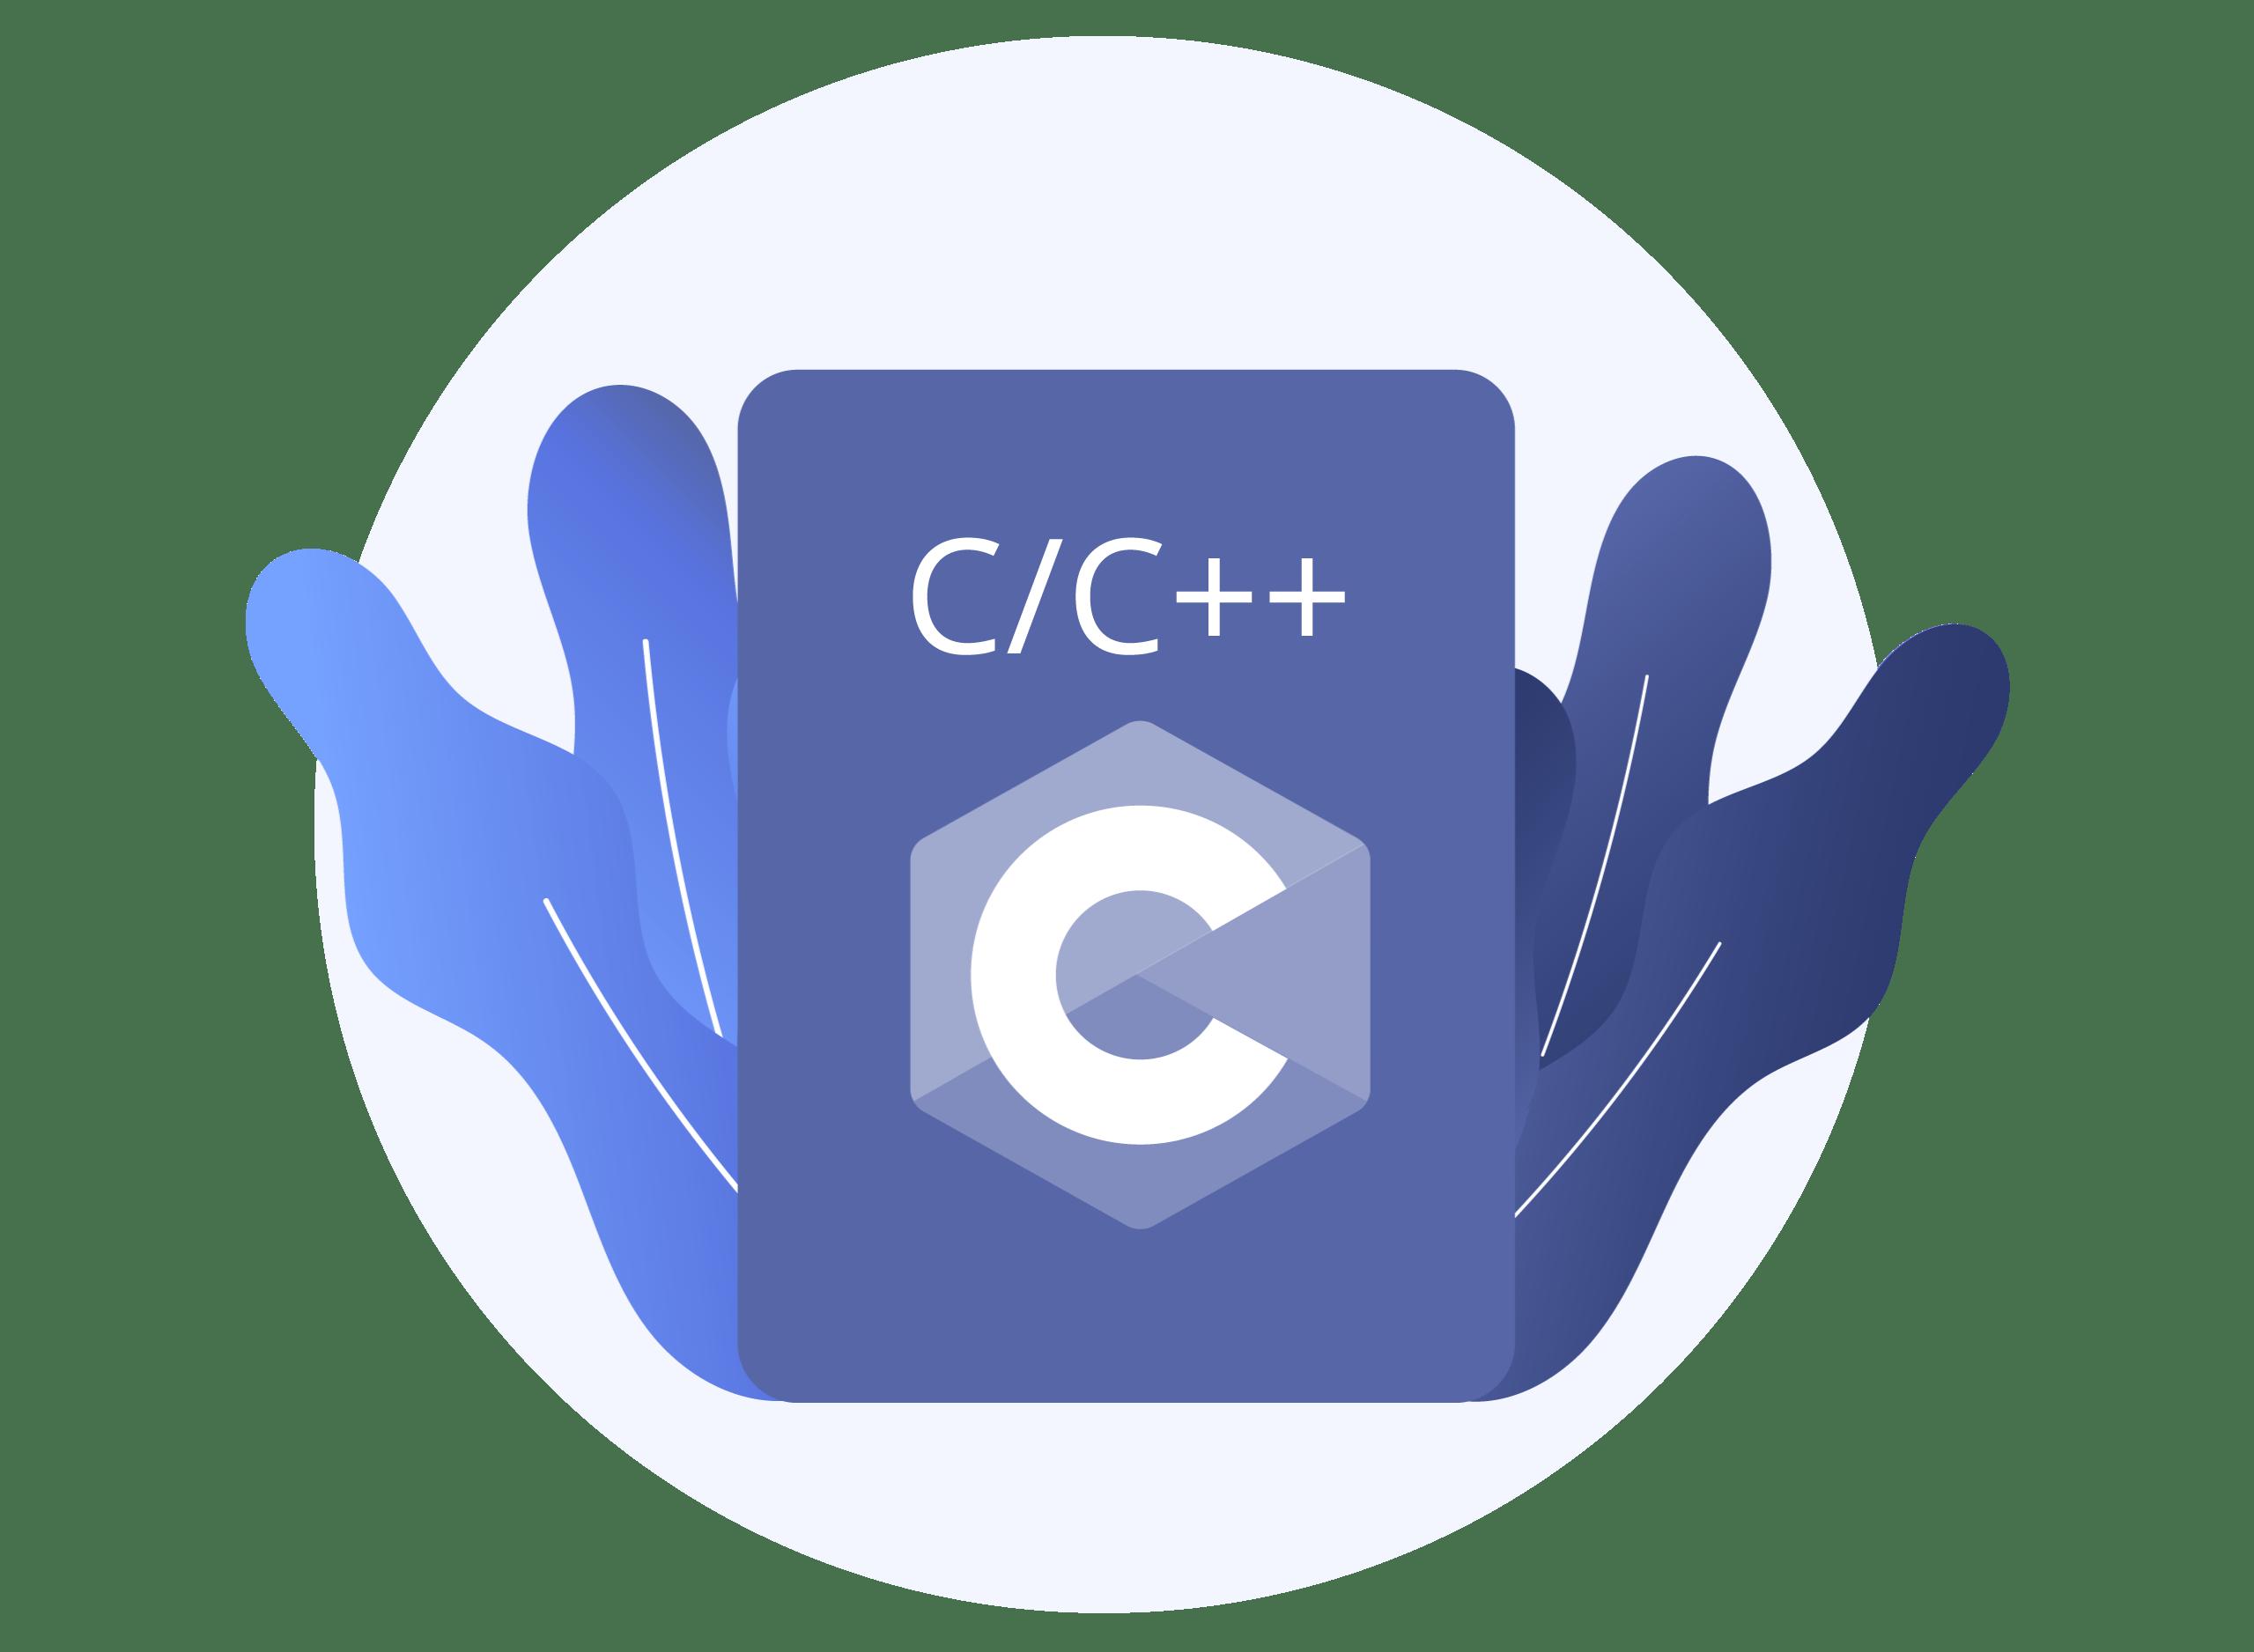 c/c++ security avatao